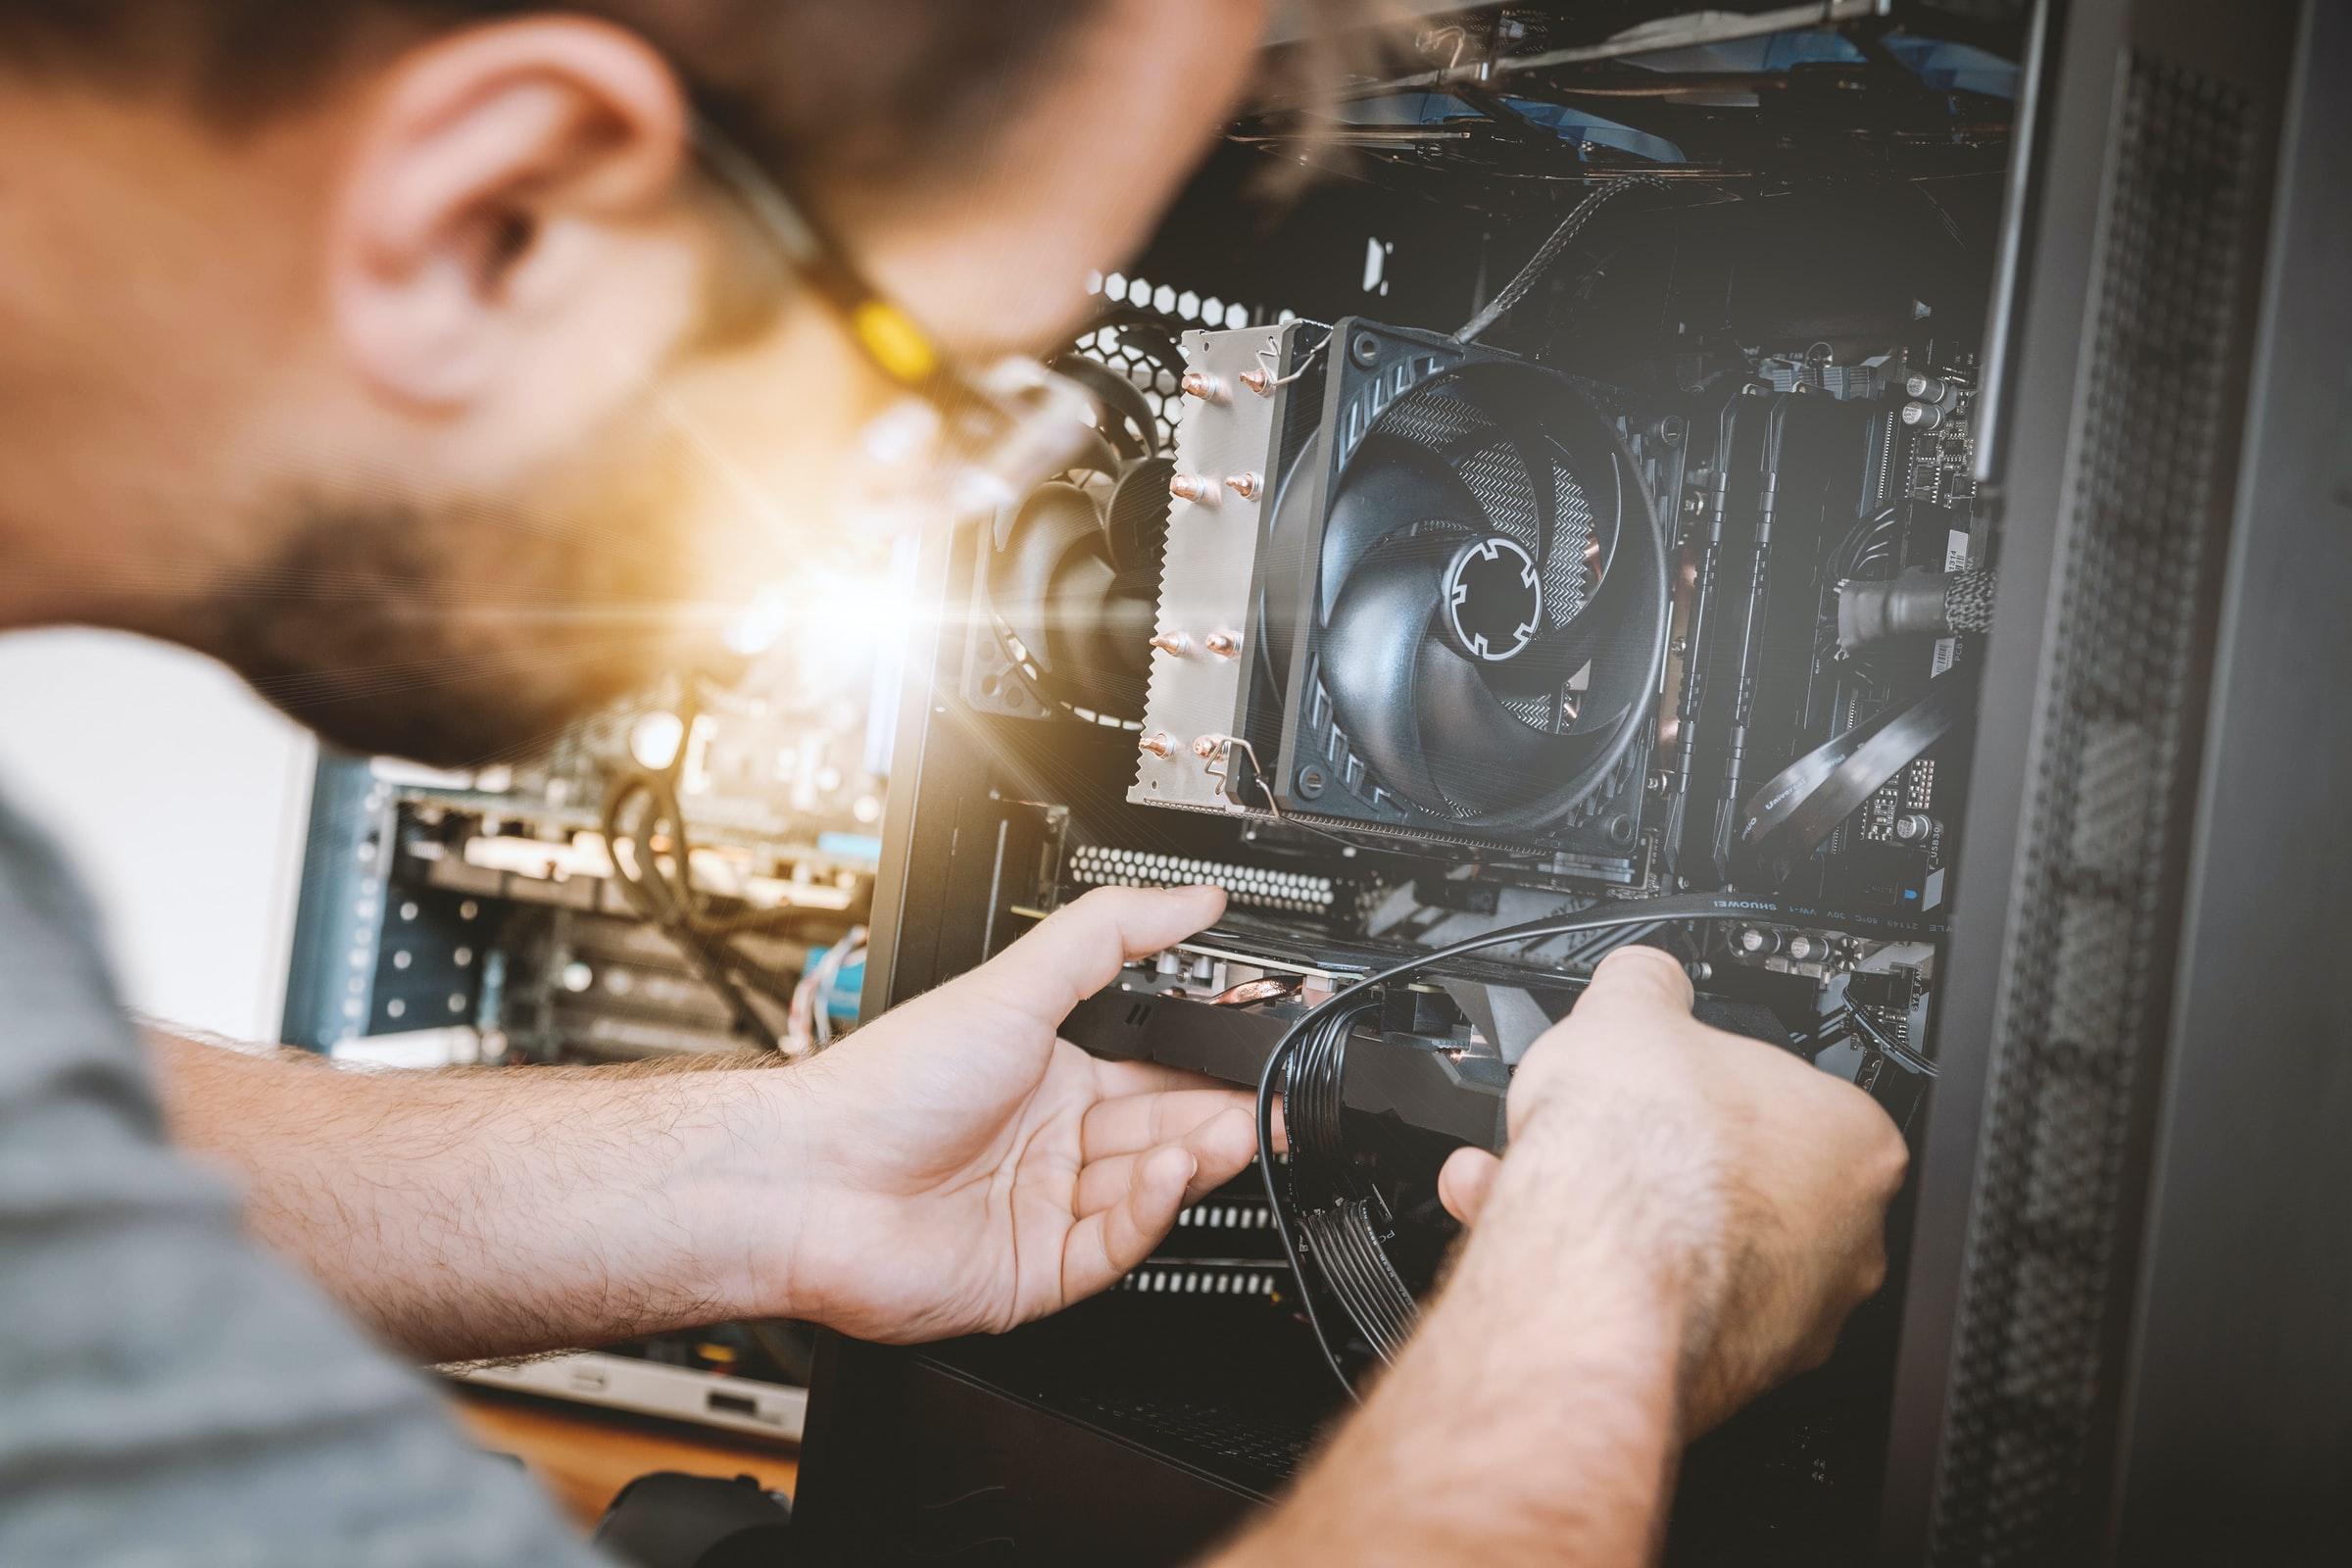 tekniker lagar server